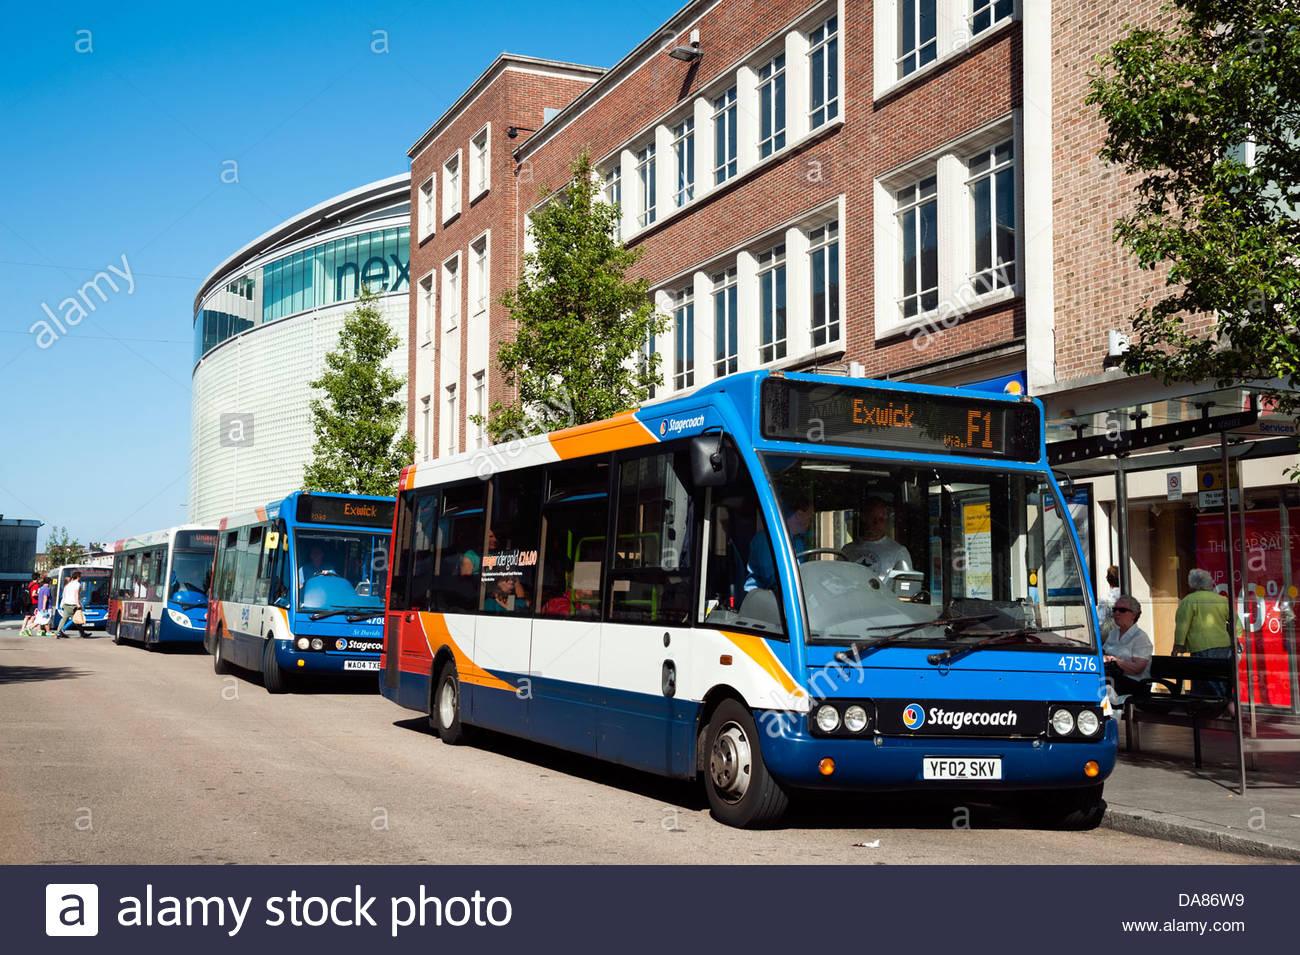 Centro de la ciudad de Exeter, Devon, Reino Unido. Los autobuses esperando para recoger a la gente. Imagen De Stock